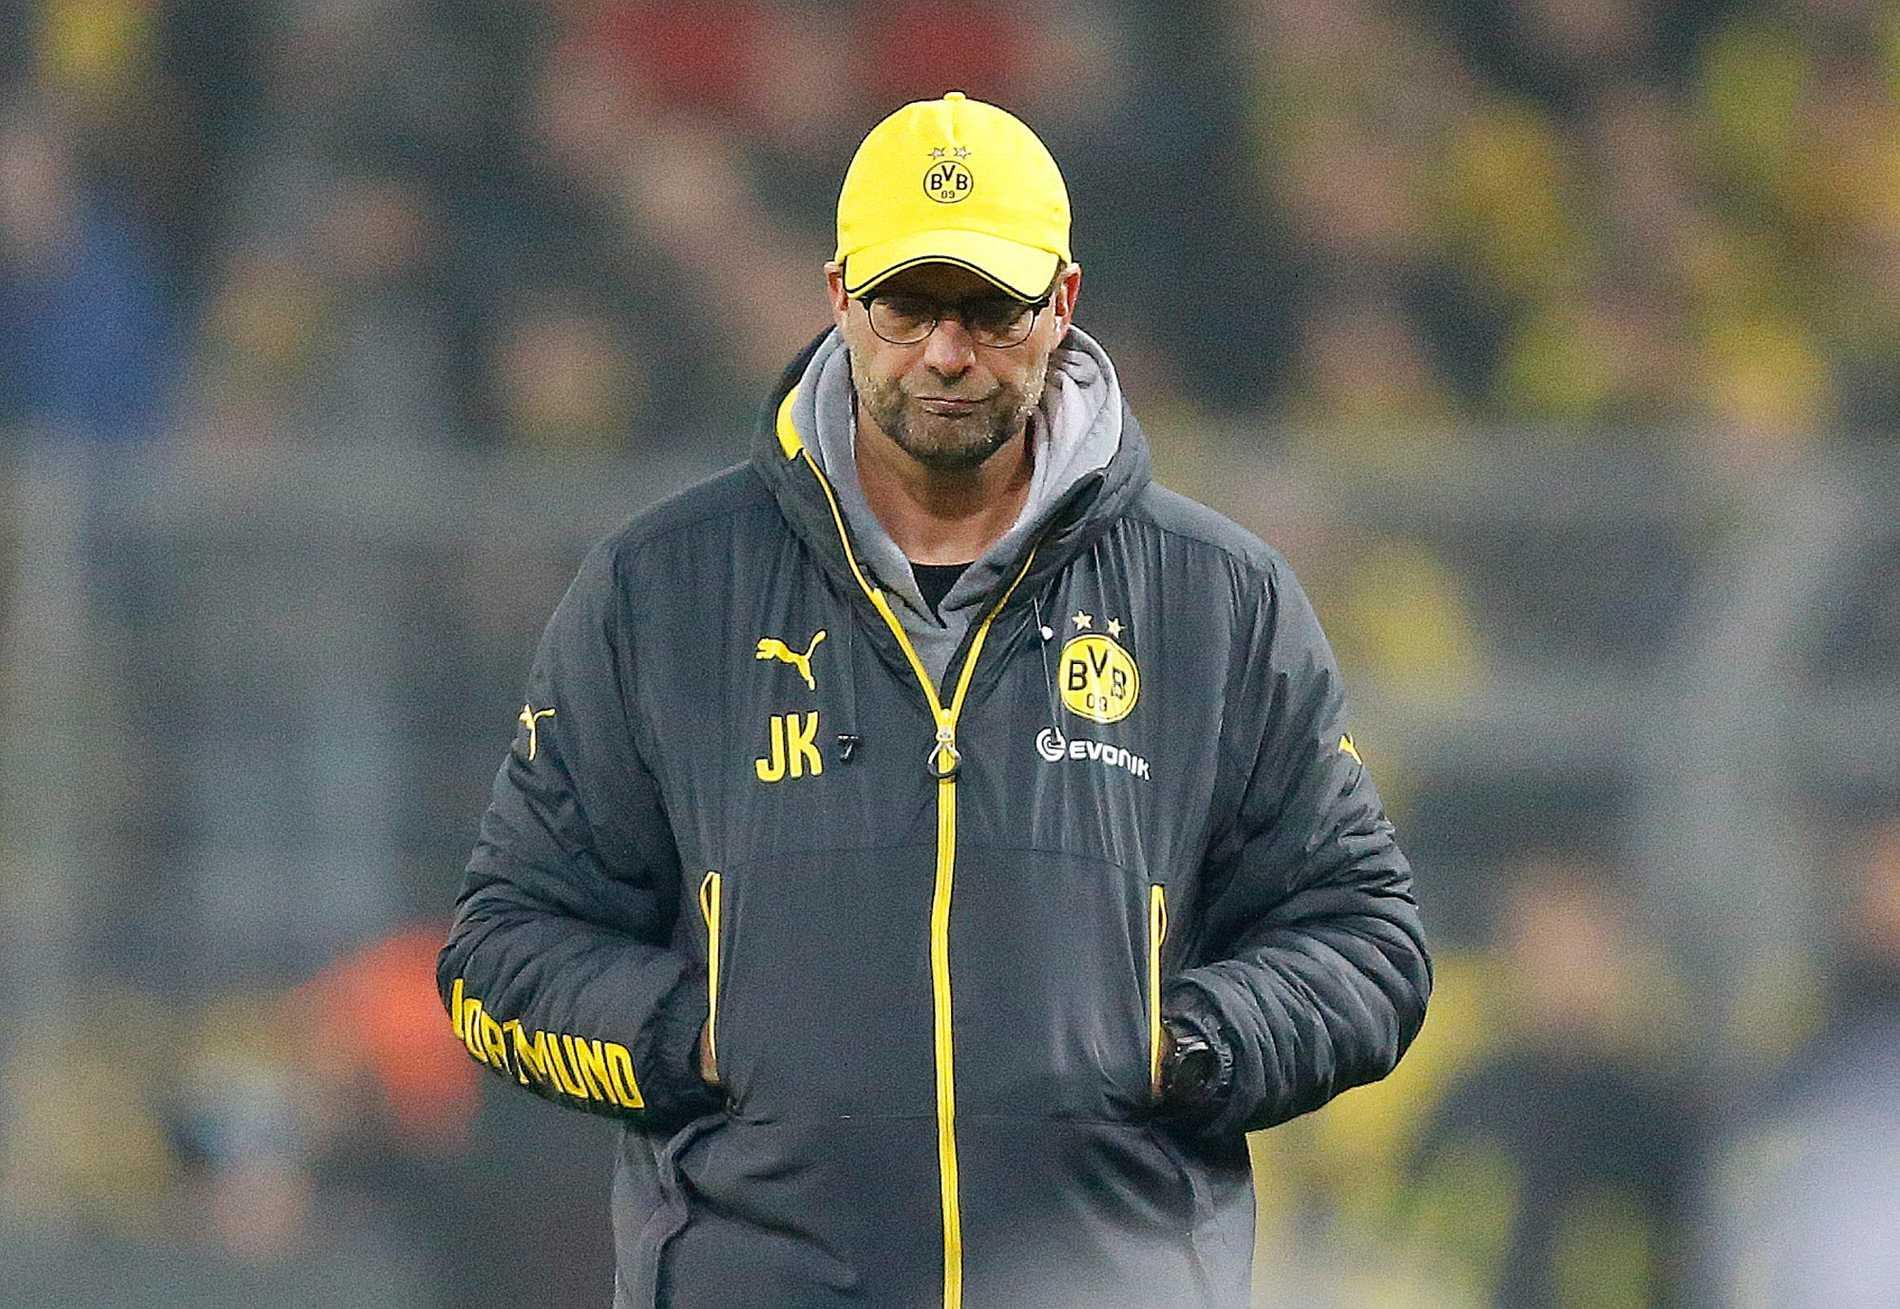 Inga glada miner. Men Jürgen Klopp får behålla jobbet i Dortmund, enligt oddsen.